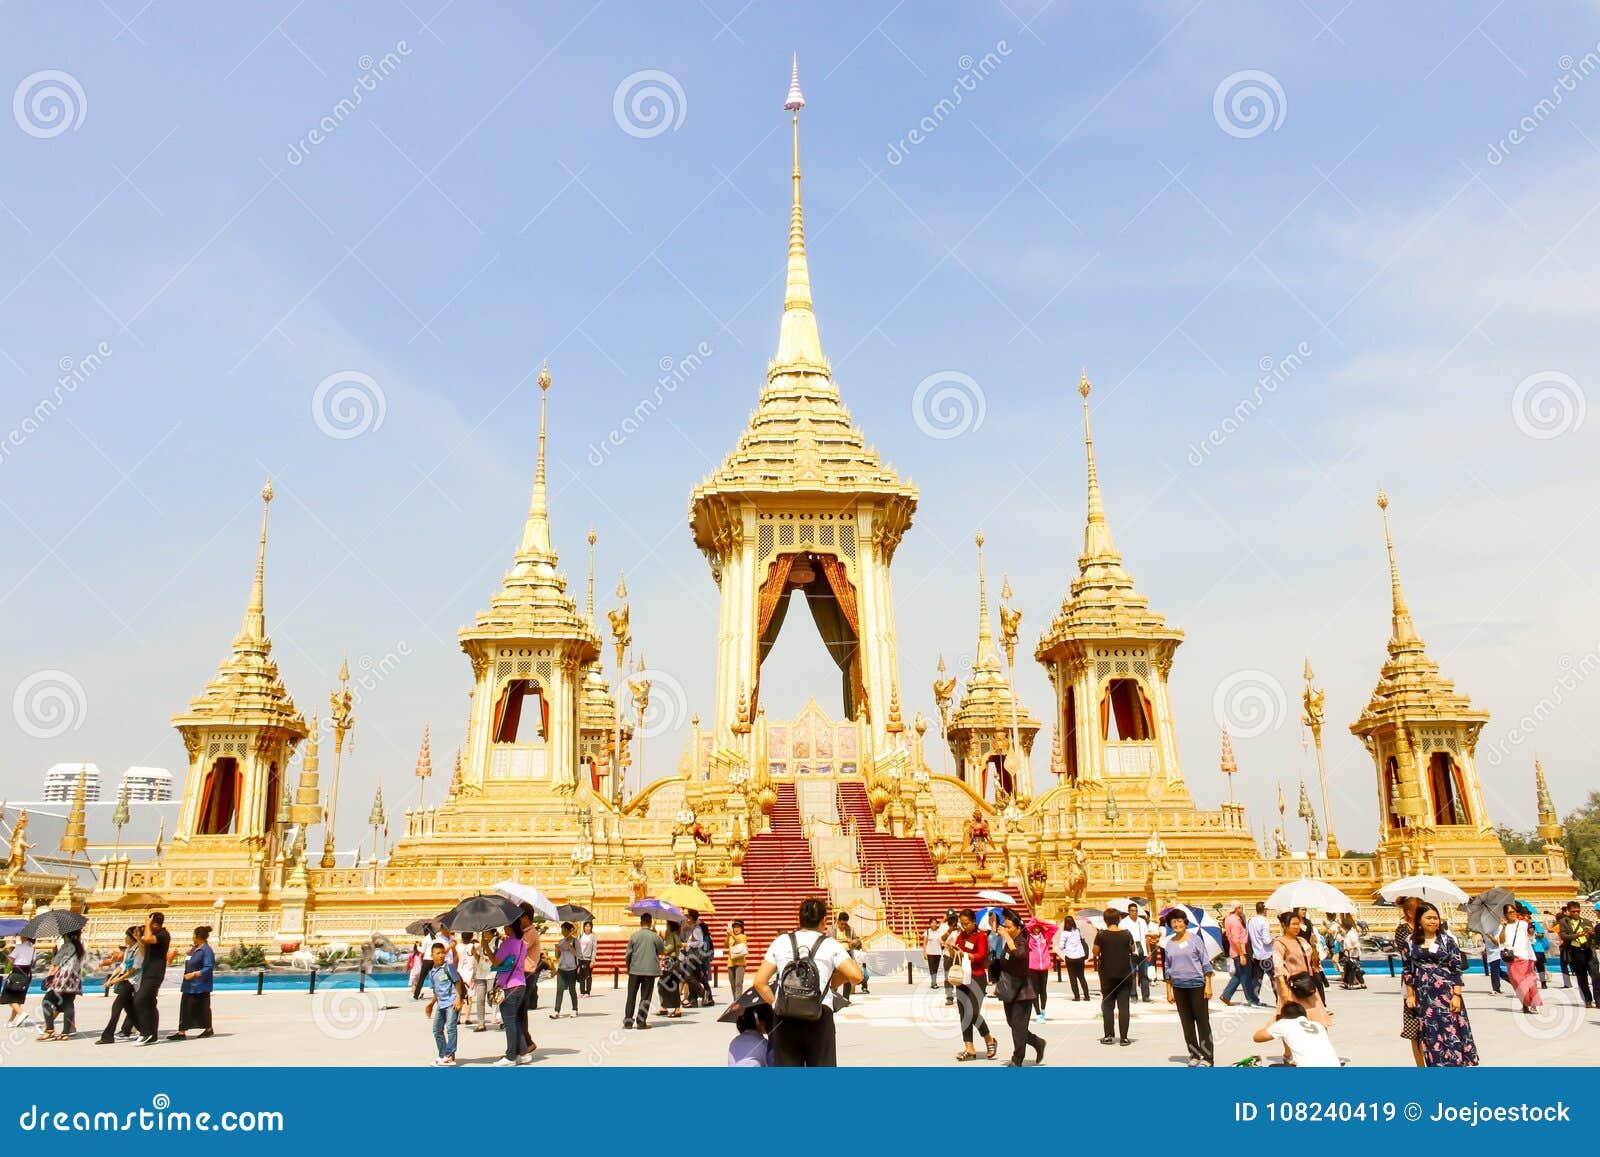 Opinião bonita do ouro o crematório real para o HM o rei atrasado Bhumibol Adulyadej e muitos povos no 4 de novembro de 2017